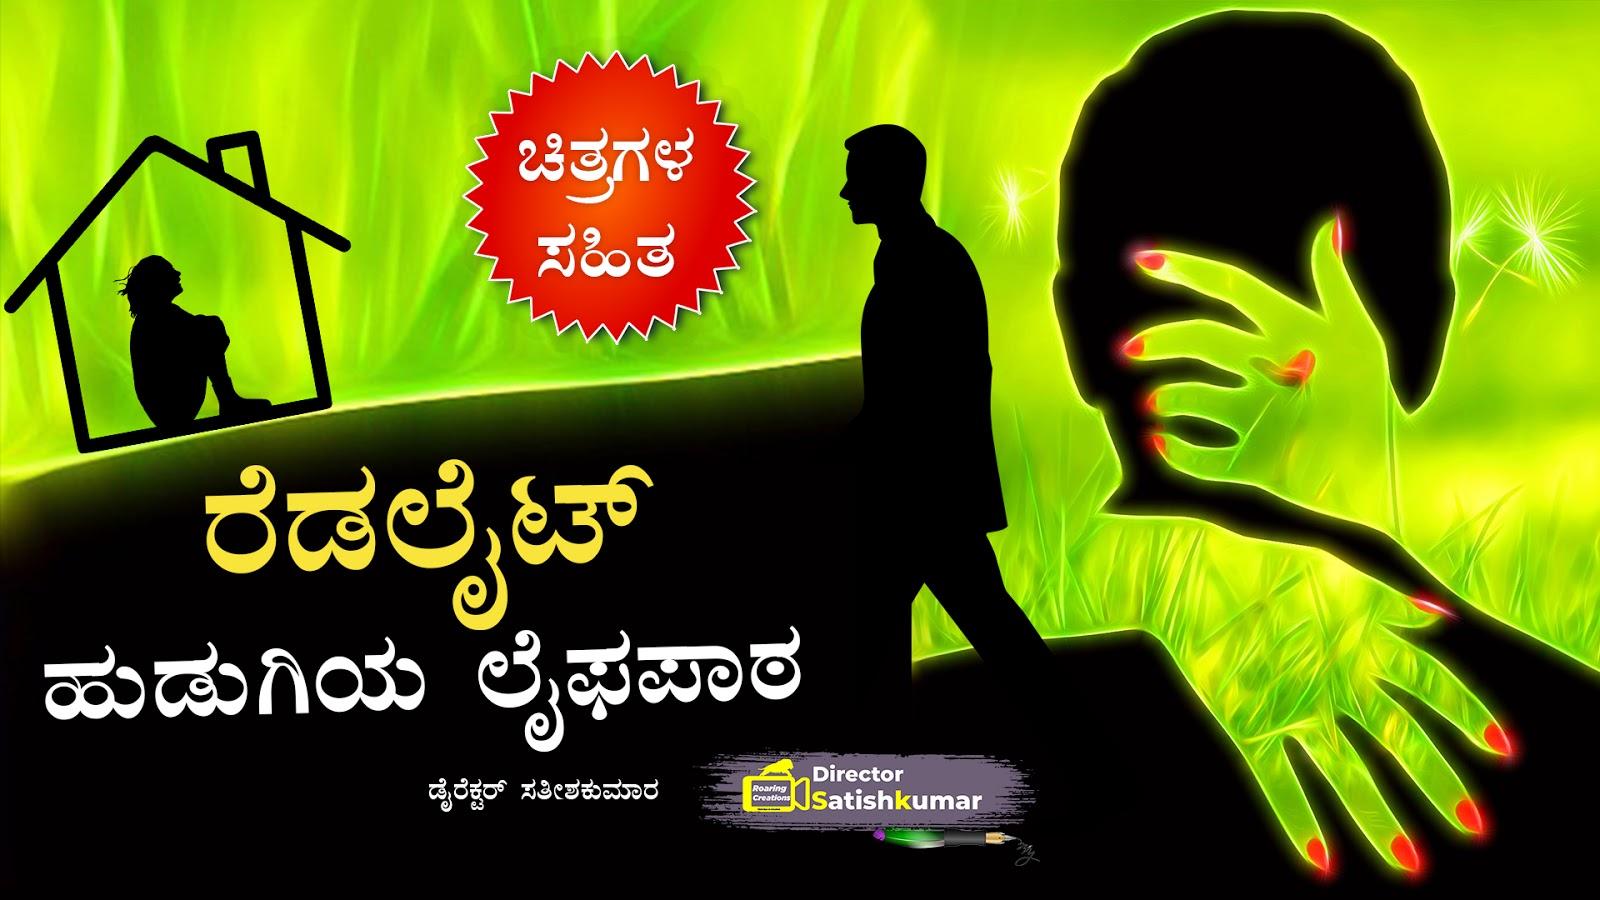 ರೆಡಲೈಟ್ ಹುಡುಗಿಯ ಲೈಫಪಾಠ - Fictional Romance and Social Message Story in Kannada - Kannada Romantic Story - ಕನ್ನಡ ಕಥೆ ಪುಸ್ತಕಗಳು - Kannada Story Books -  E Books Kannada - Kannada Books